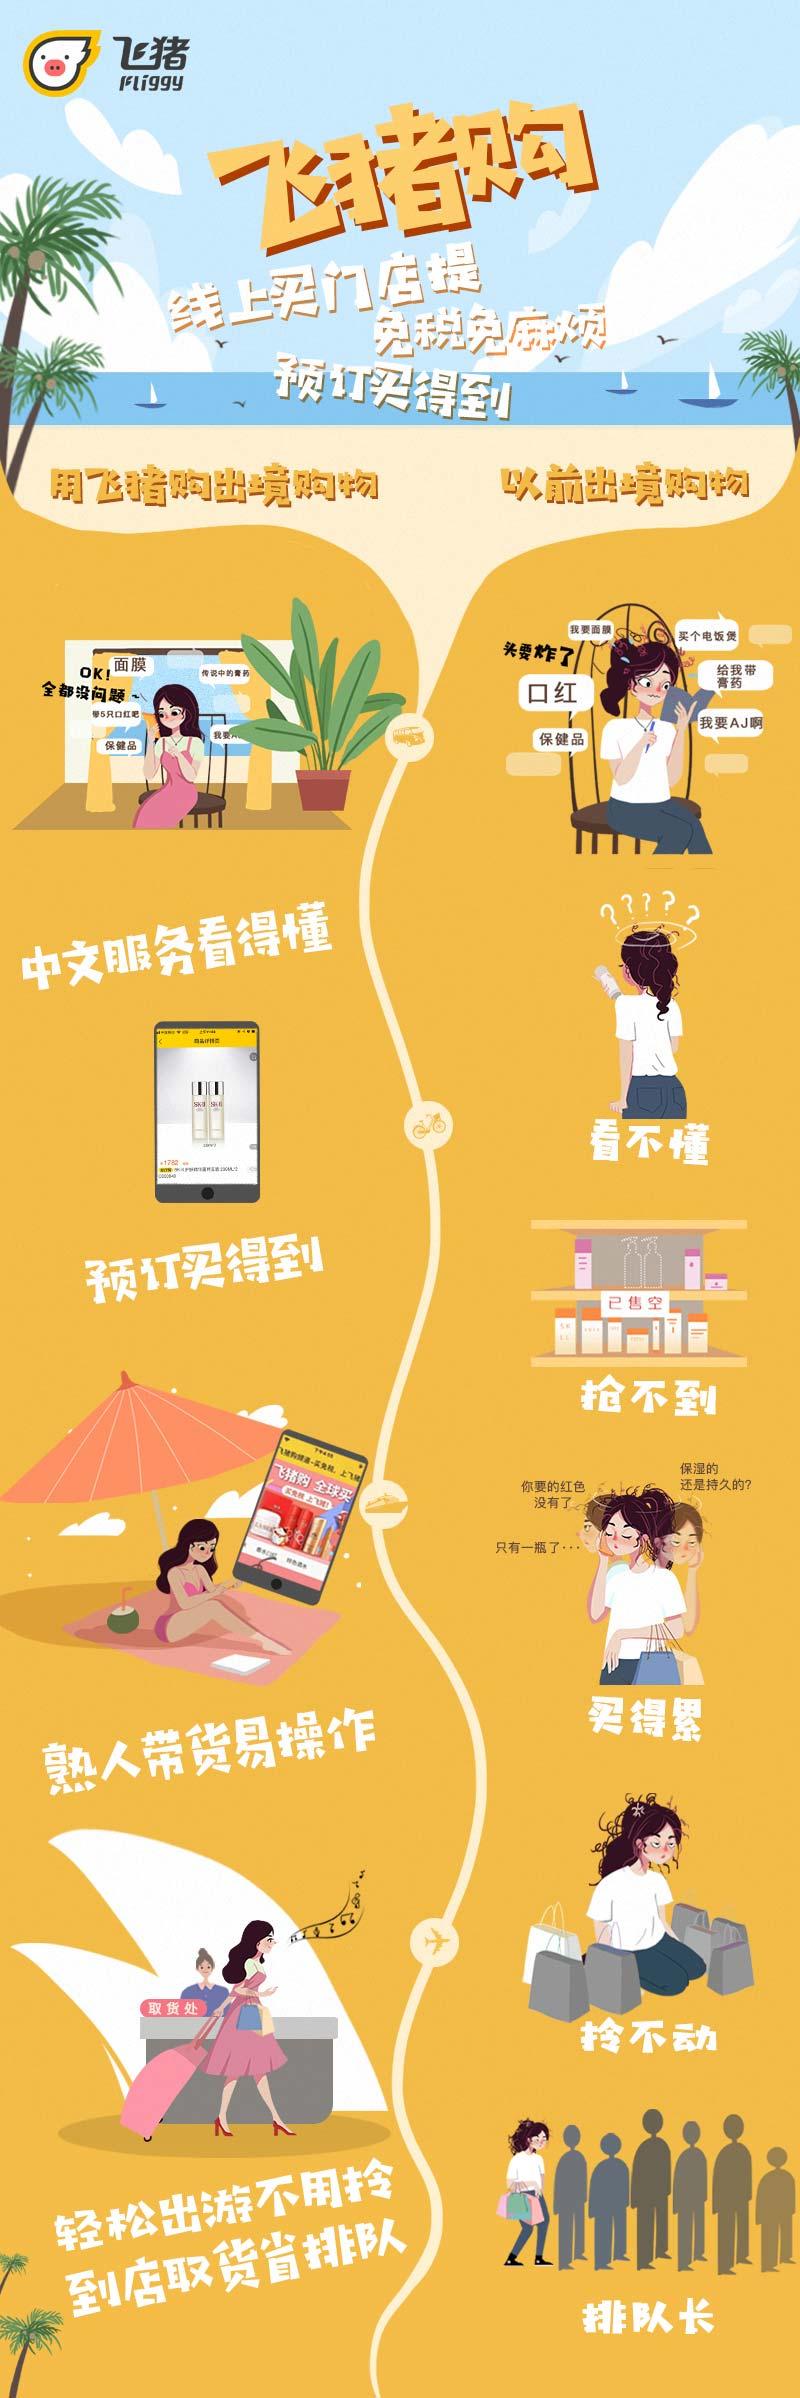 「飛豬購」從交易、交互、交付三方面,為用戶提供更大的便利,提升出境消費體驗。